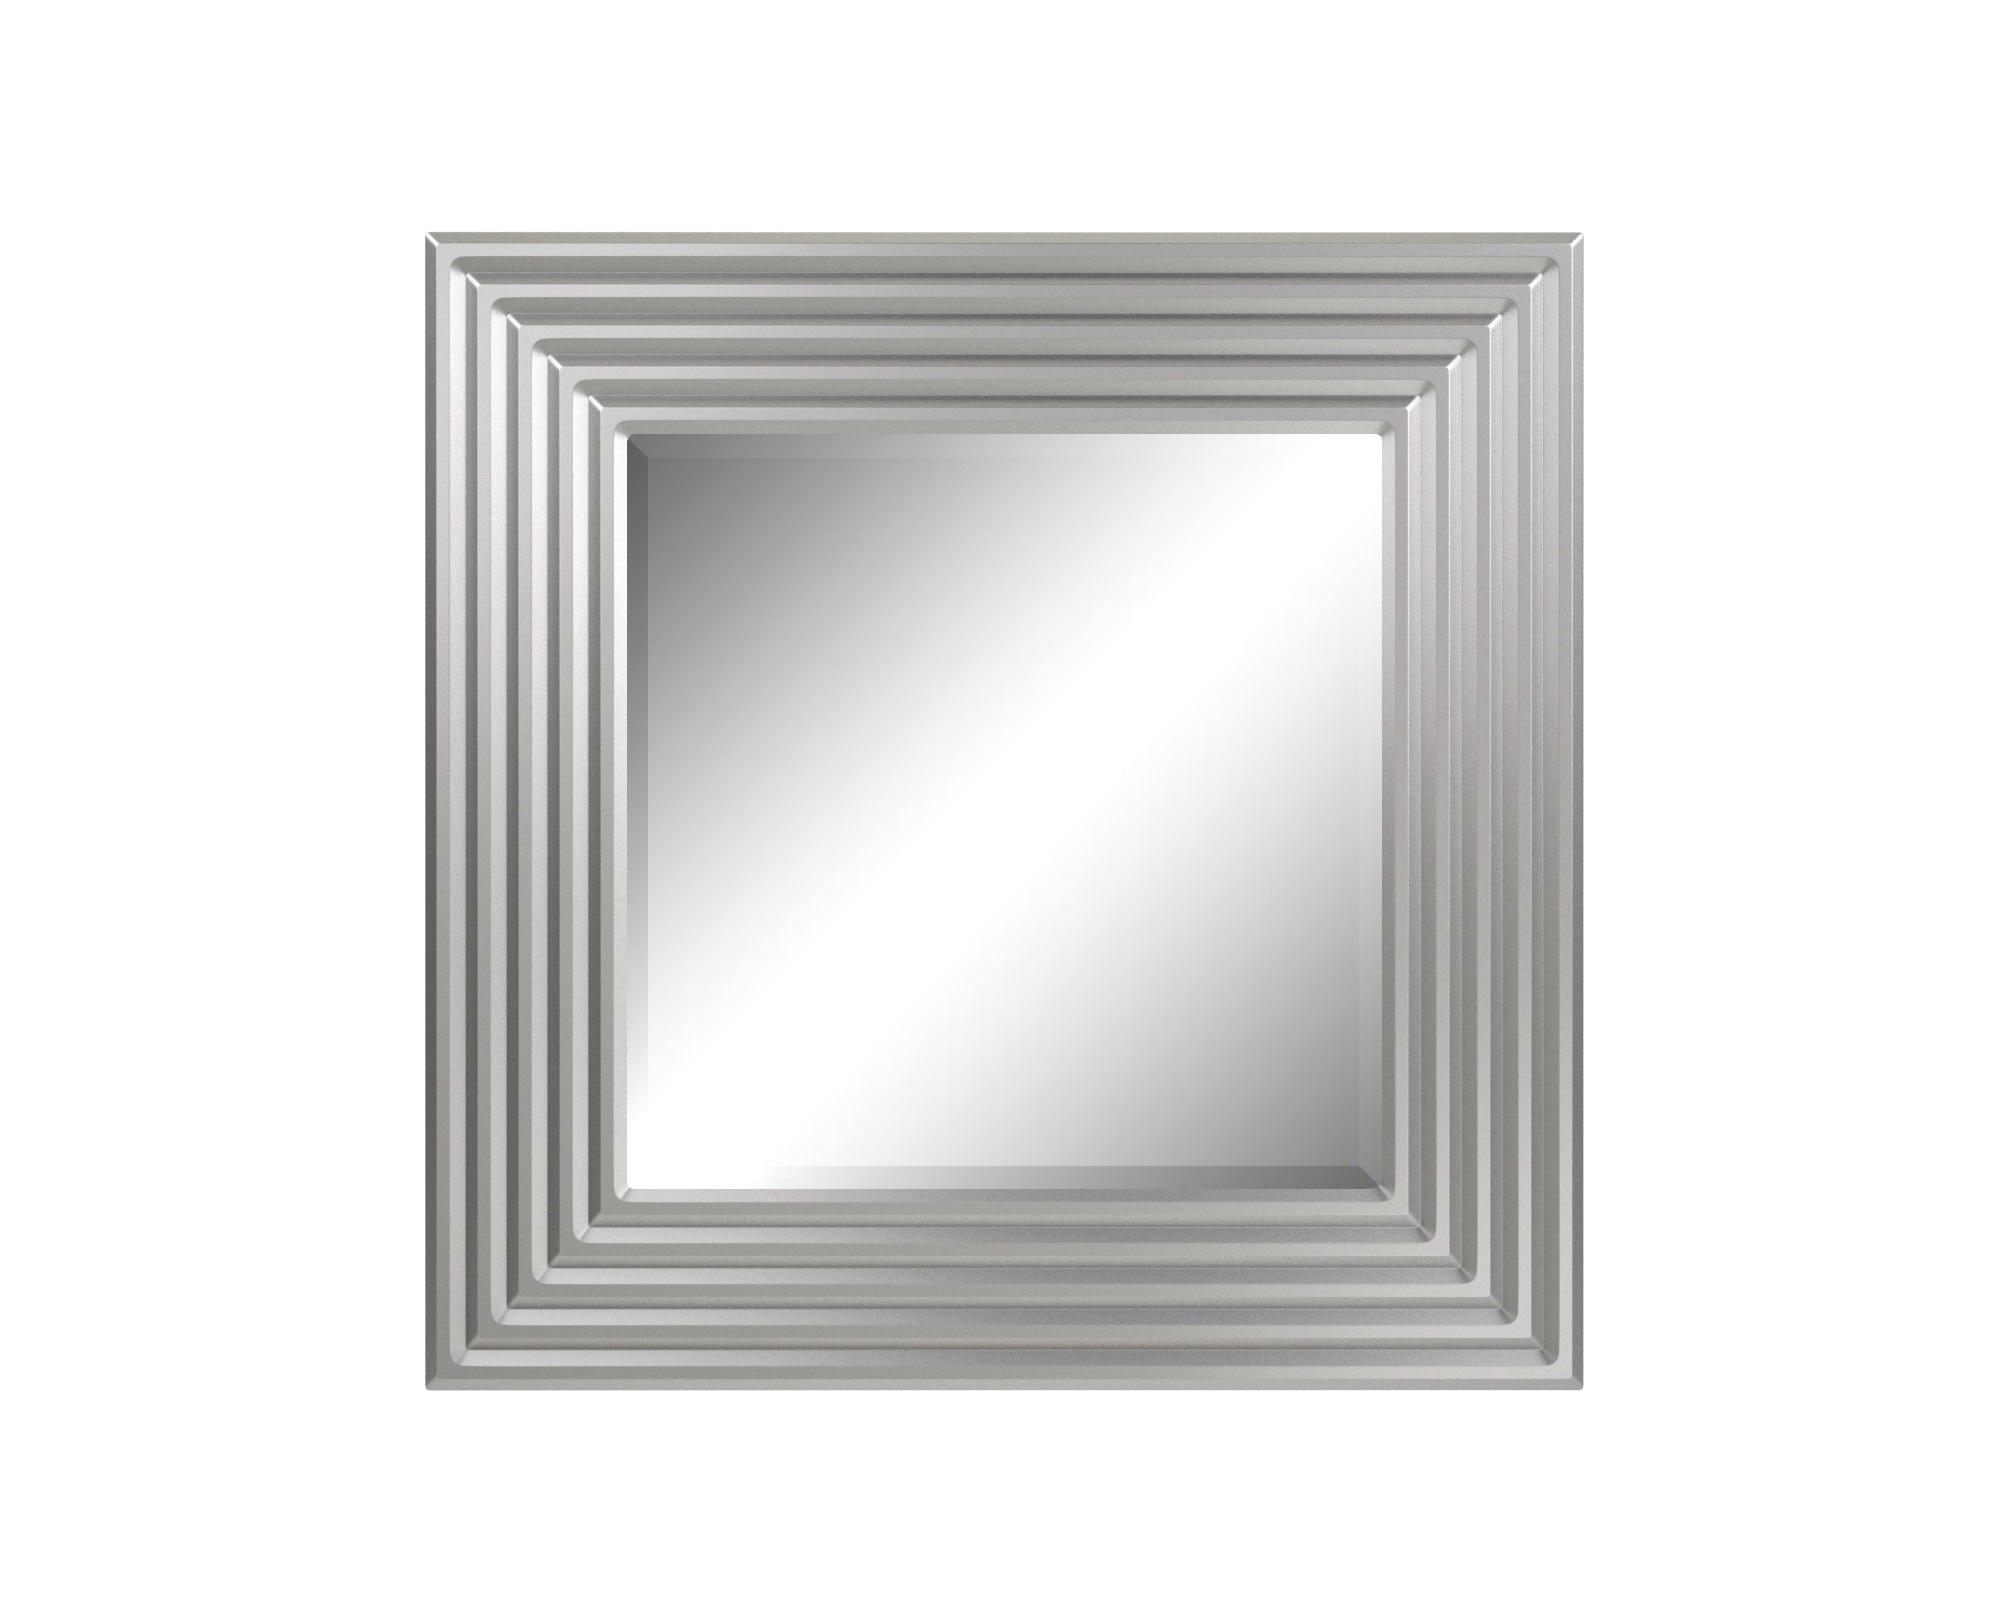 Зеркало Ambicioni 15437939 от thefurnish